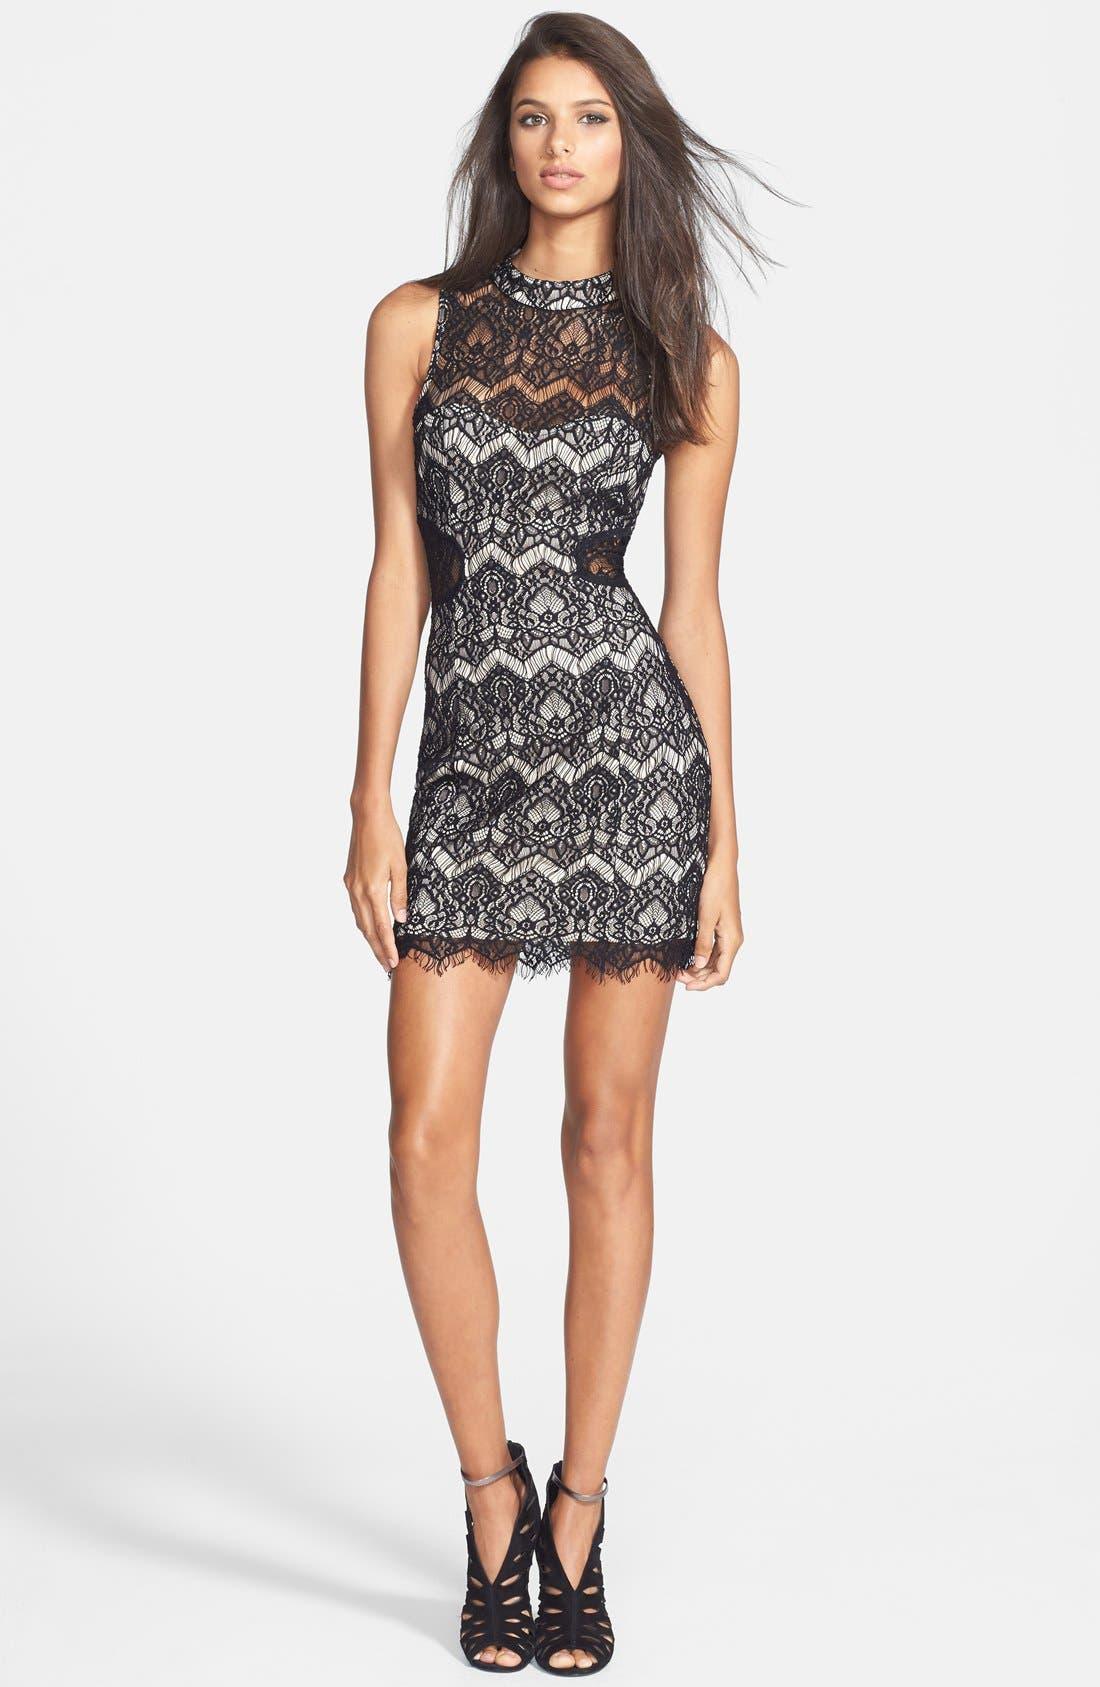 Main Image - Filtre Illusion Cutout Lace Body-Con Dress